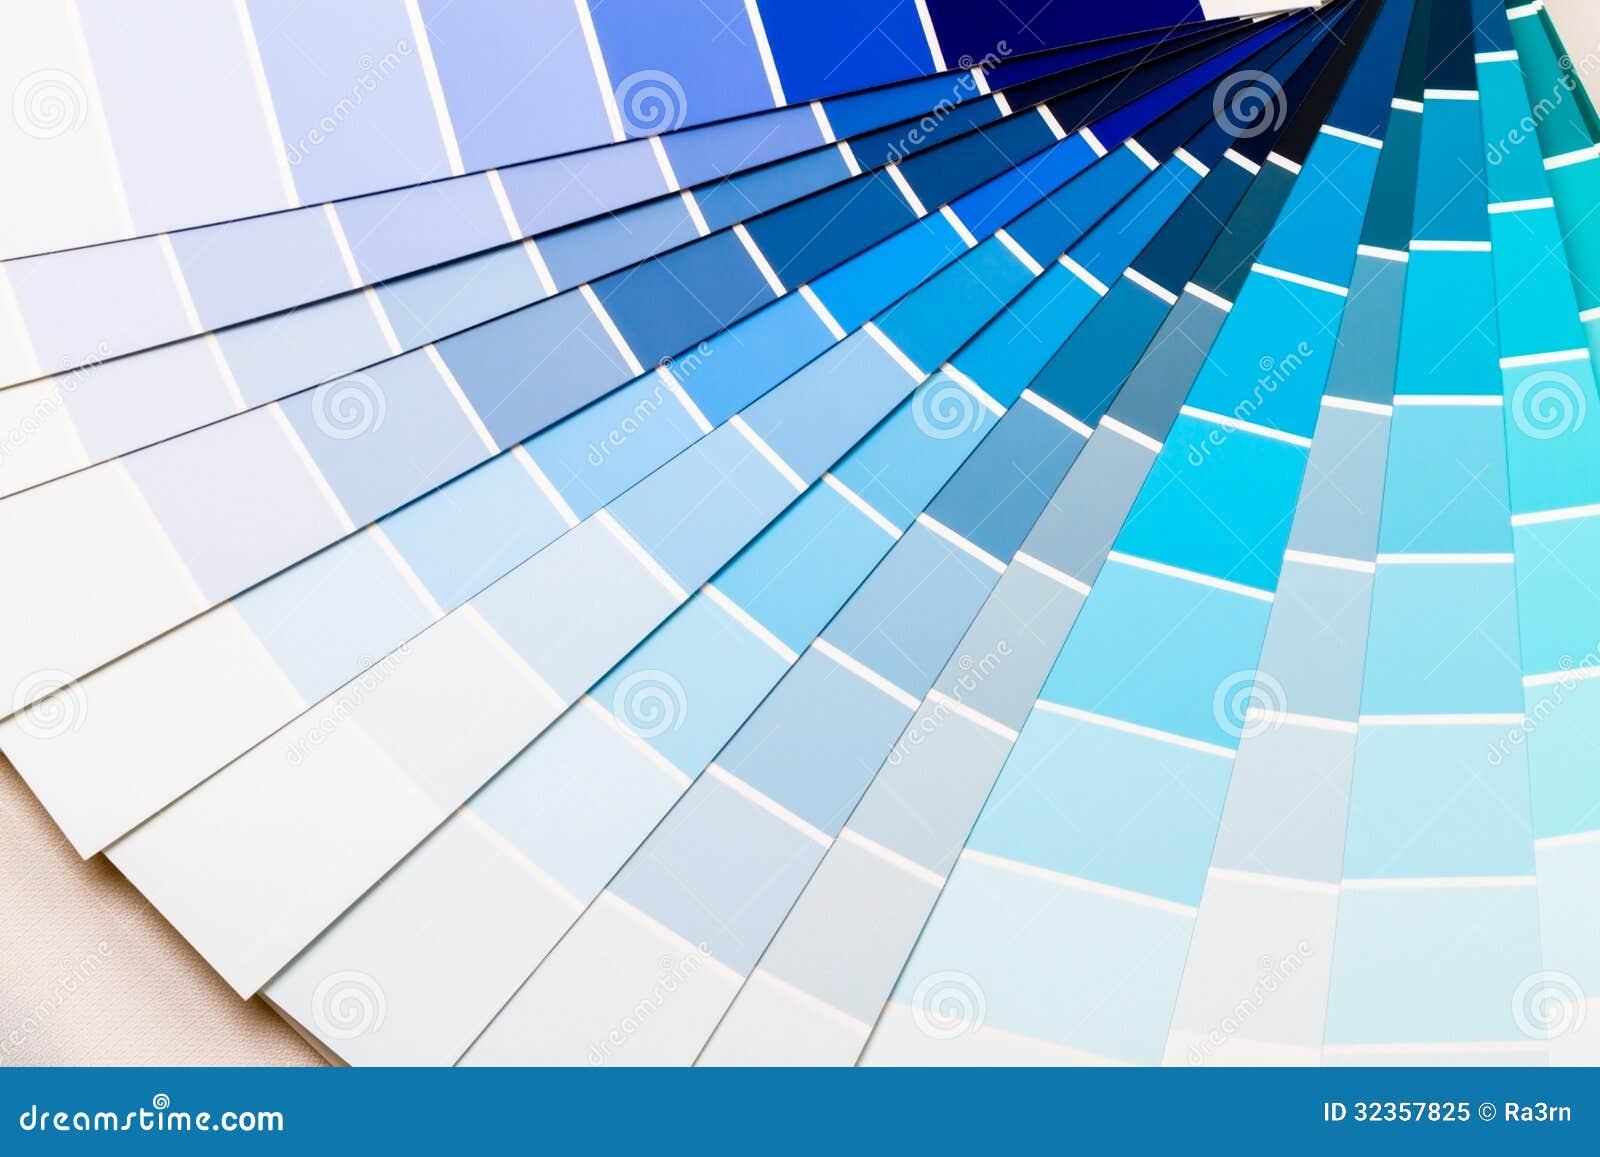 Blauwe kleurenwaaier royalty vrije stock foto afbeelding 32357825 - Gamas de colores azules ...